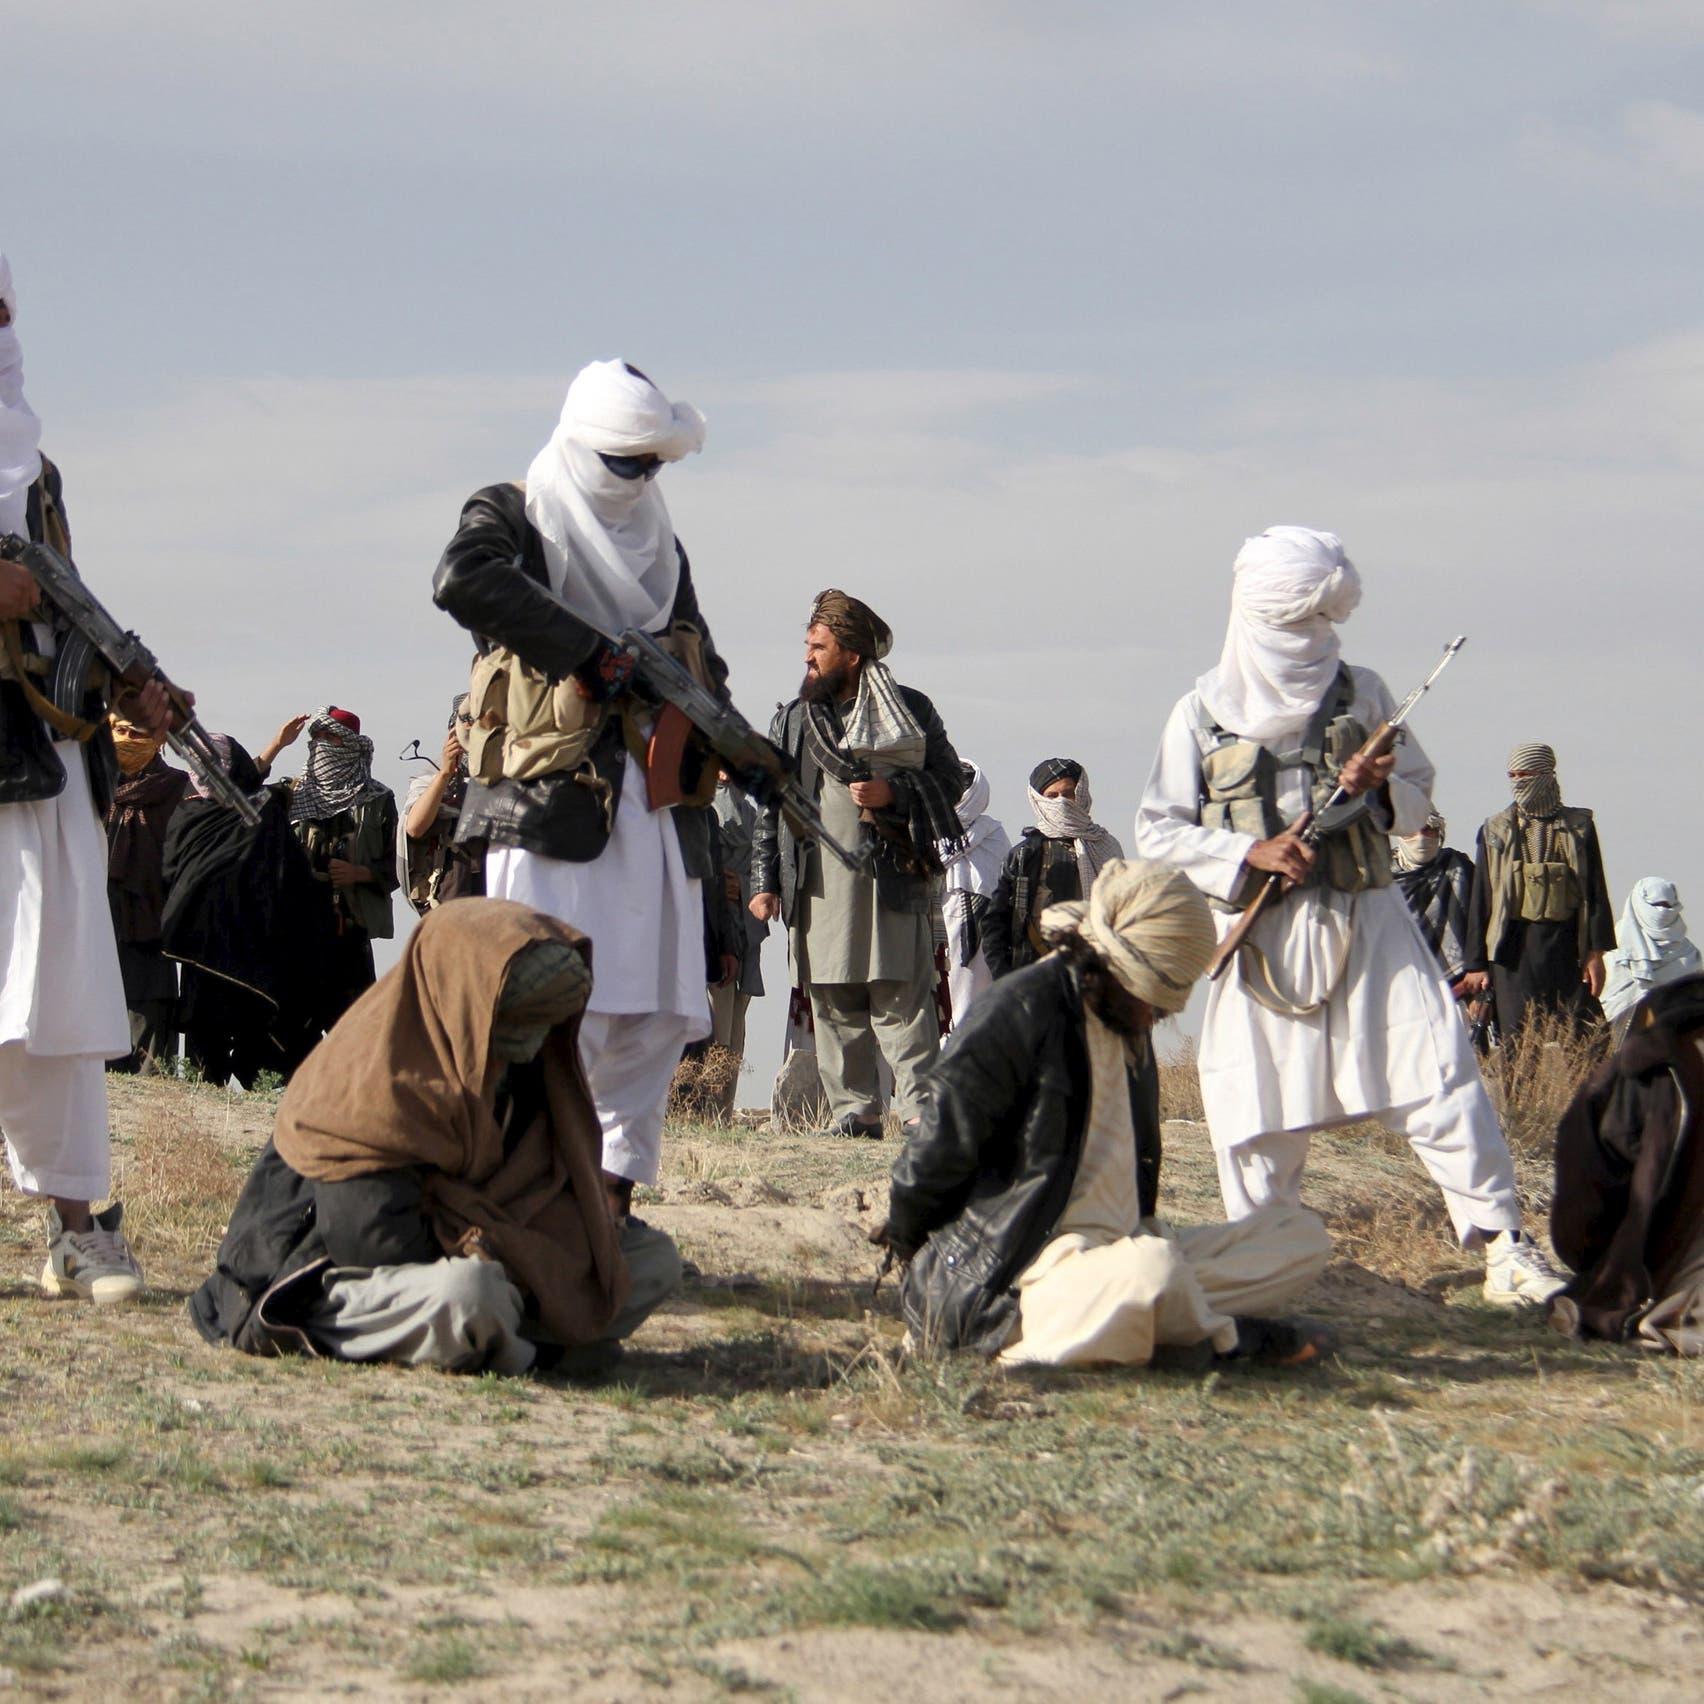 تقرير للبنتاغون يكشف: علاقة طالبان بالقاعدة لا تزال متينة